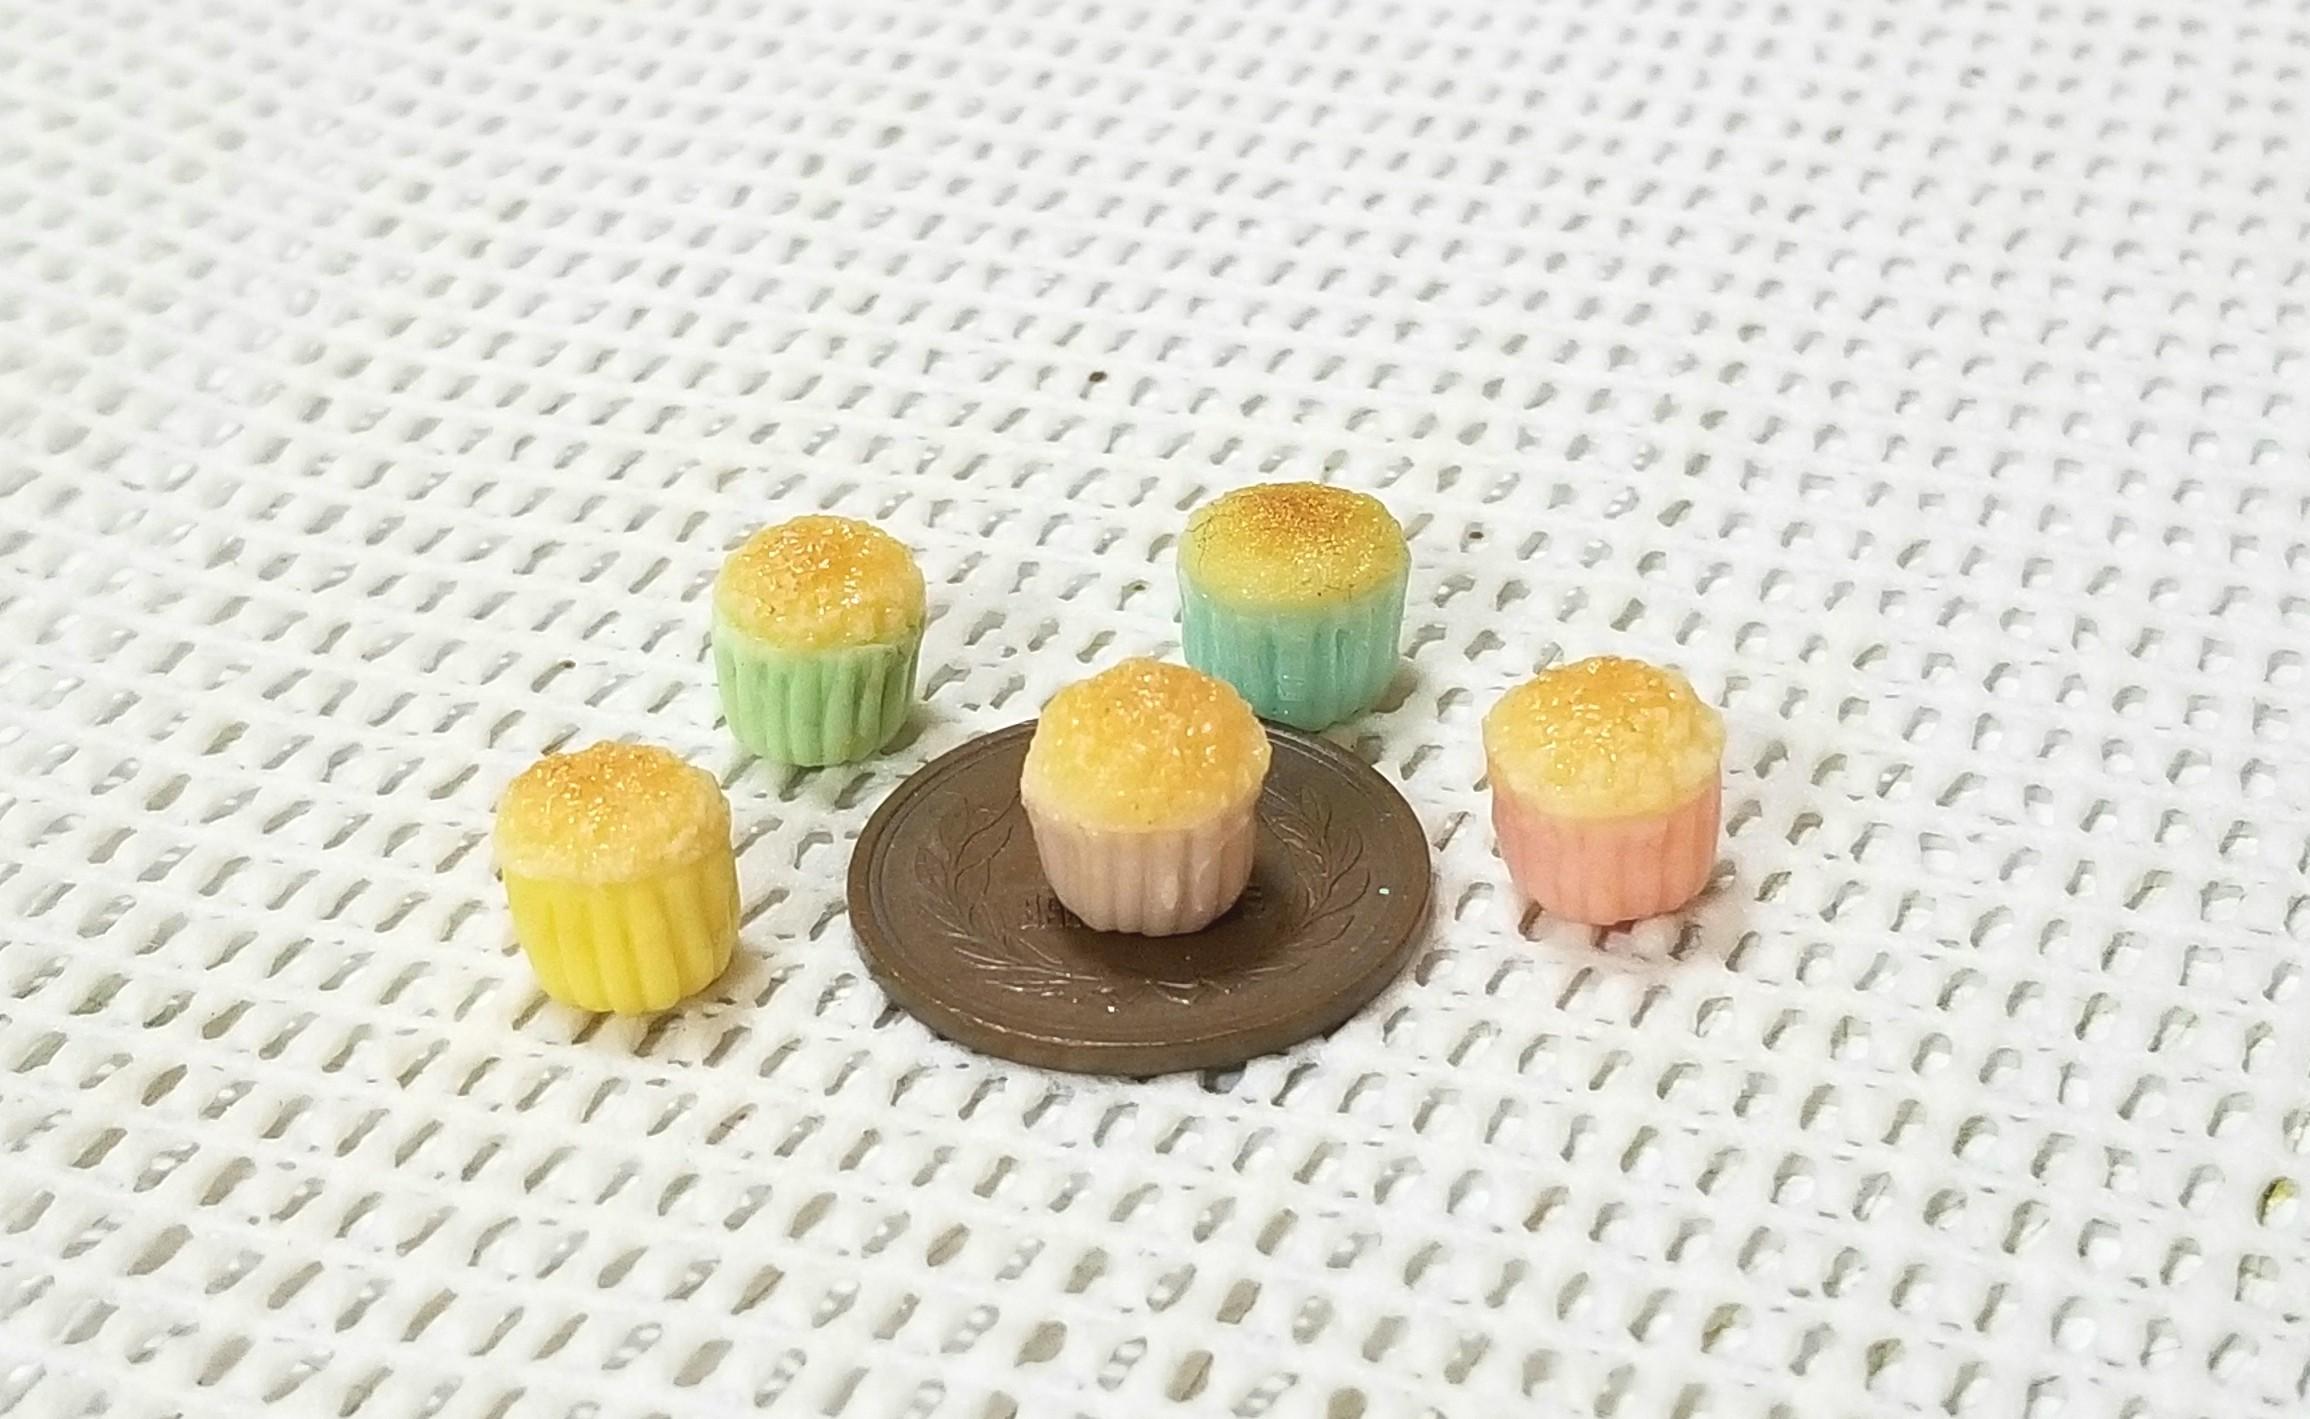 ミニチュアフード,ミンネ,オーダー品,樹脂粘土,カップケーキ,可愛い